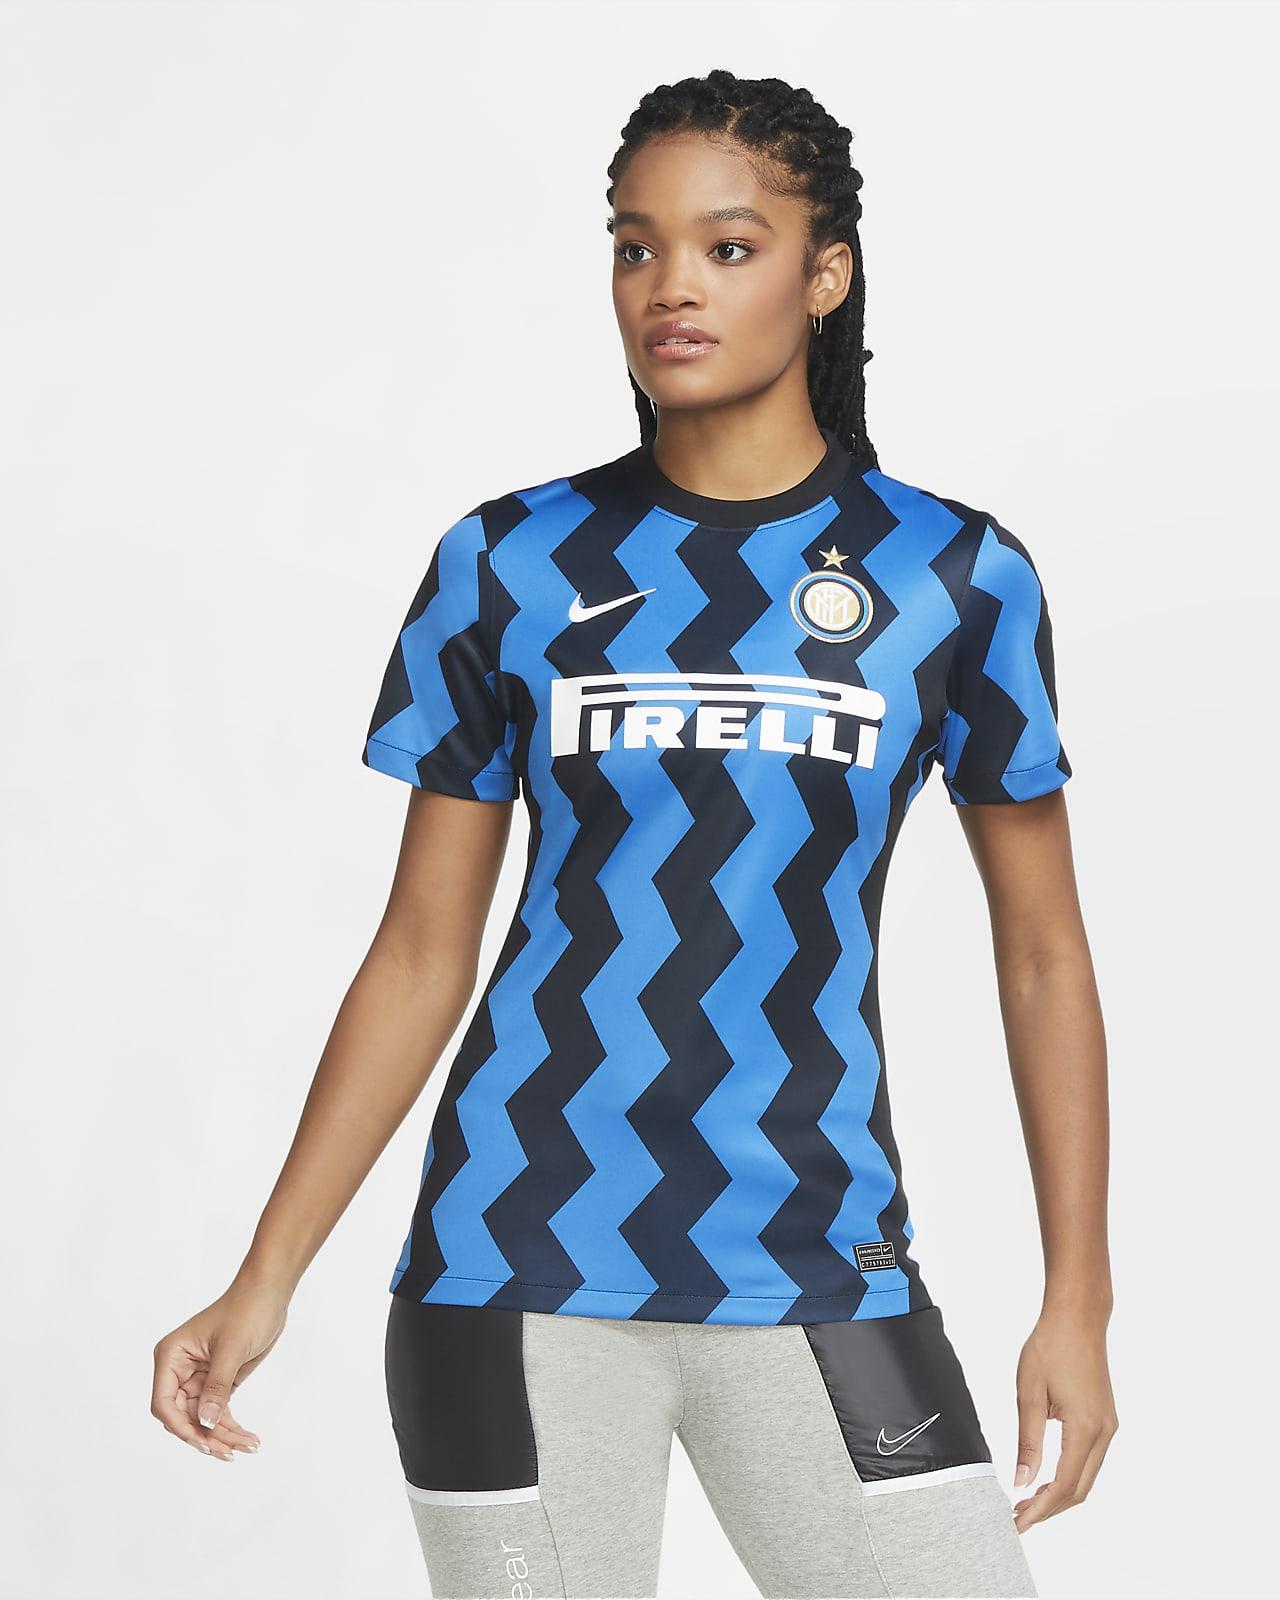 Inter Milan 2020/21 Stadium (hjemmedrakt) fotballdrakt til dame